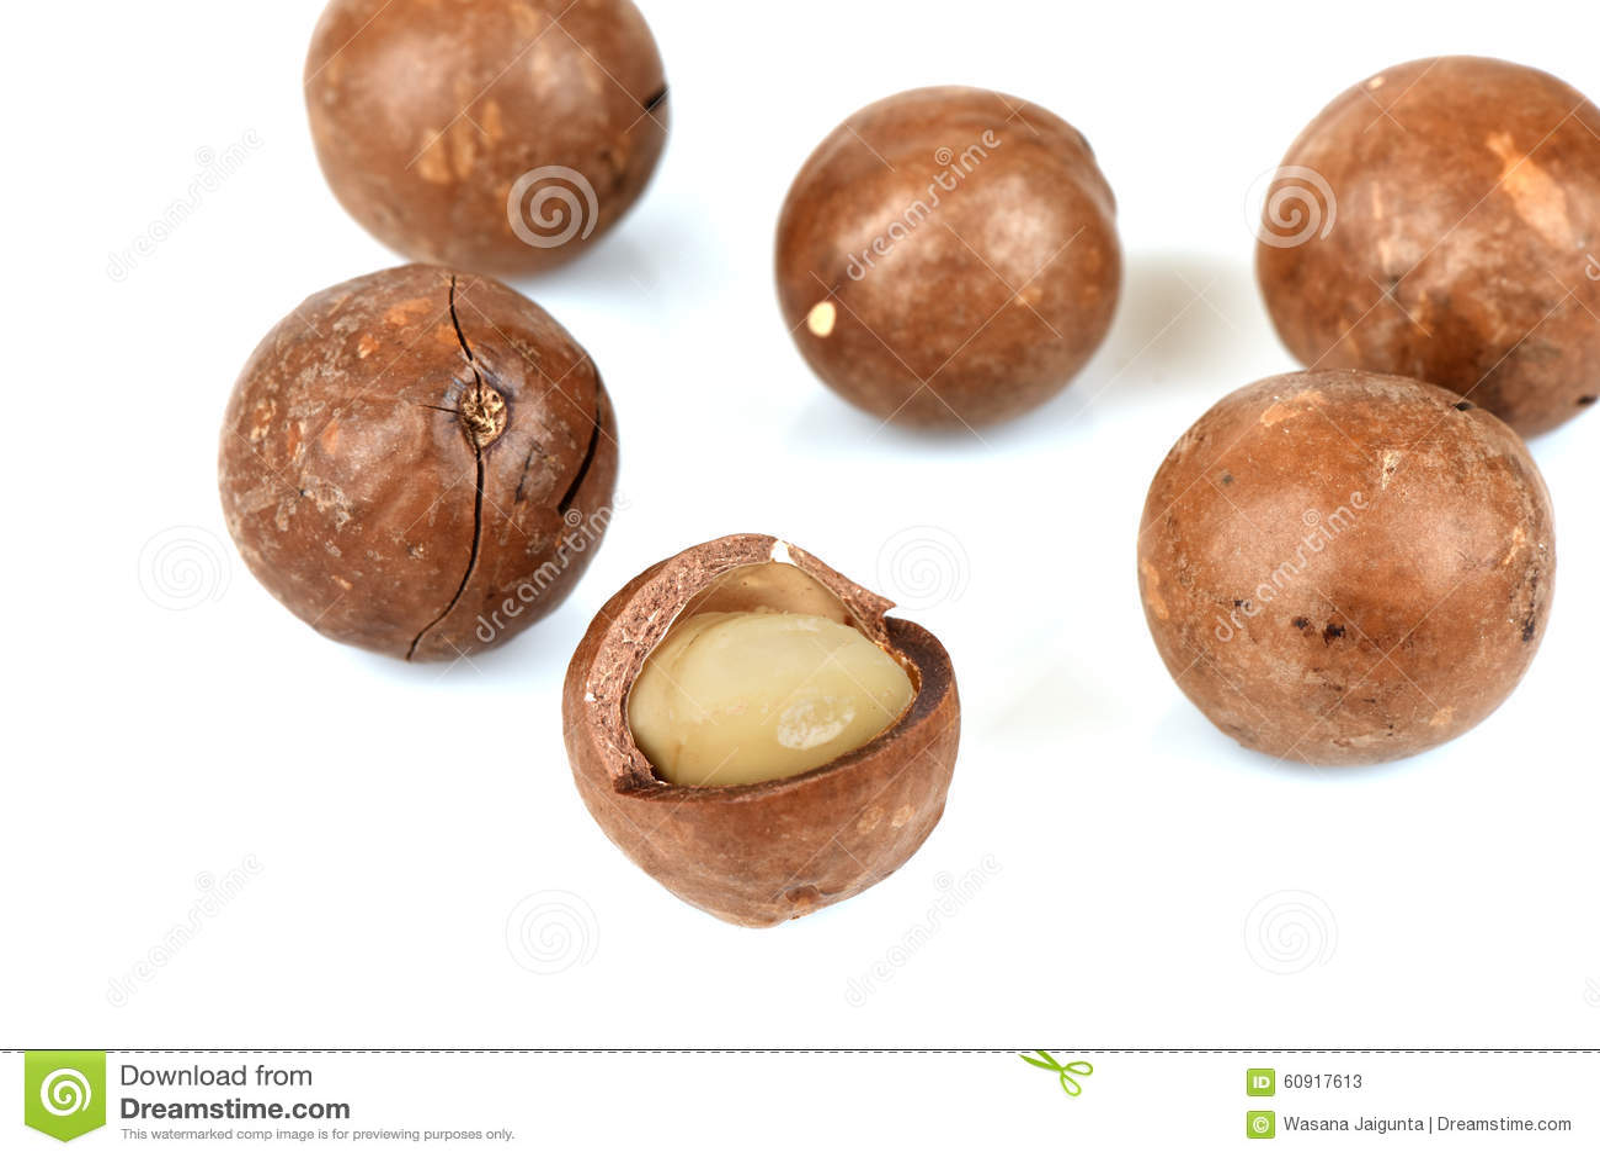 Macadamia Buy Whole Food